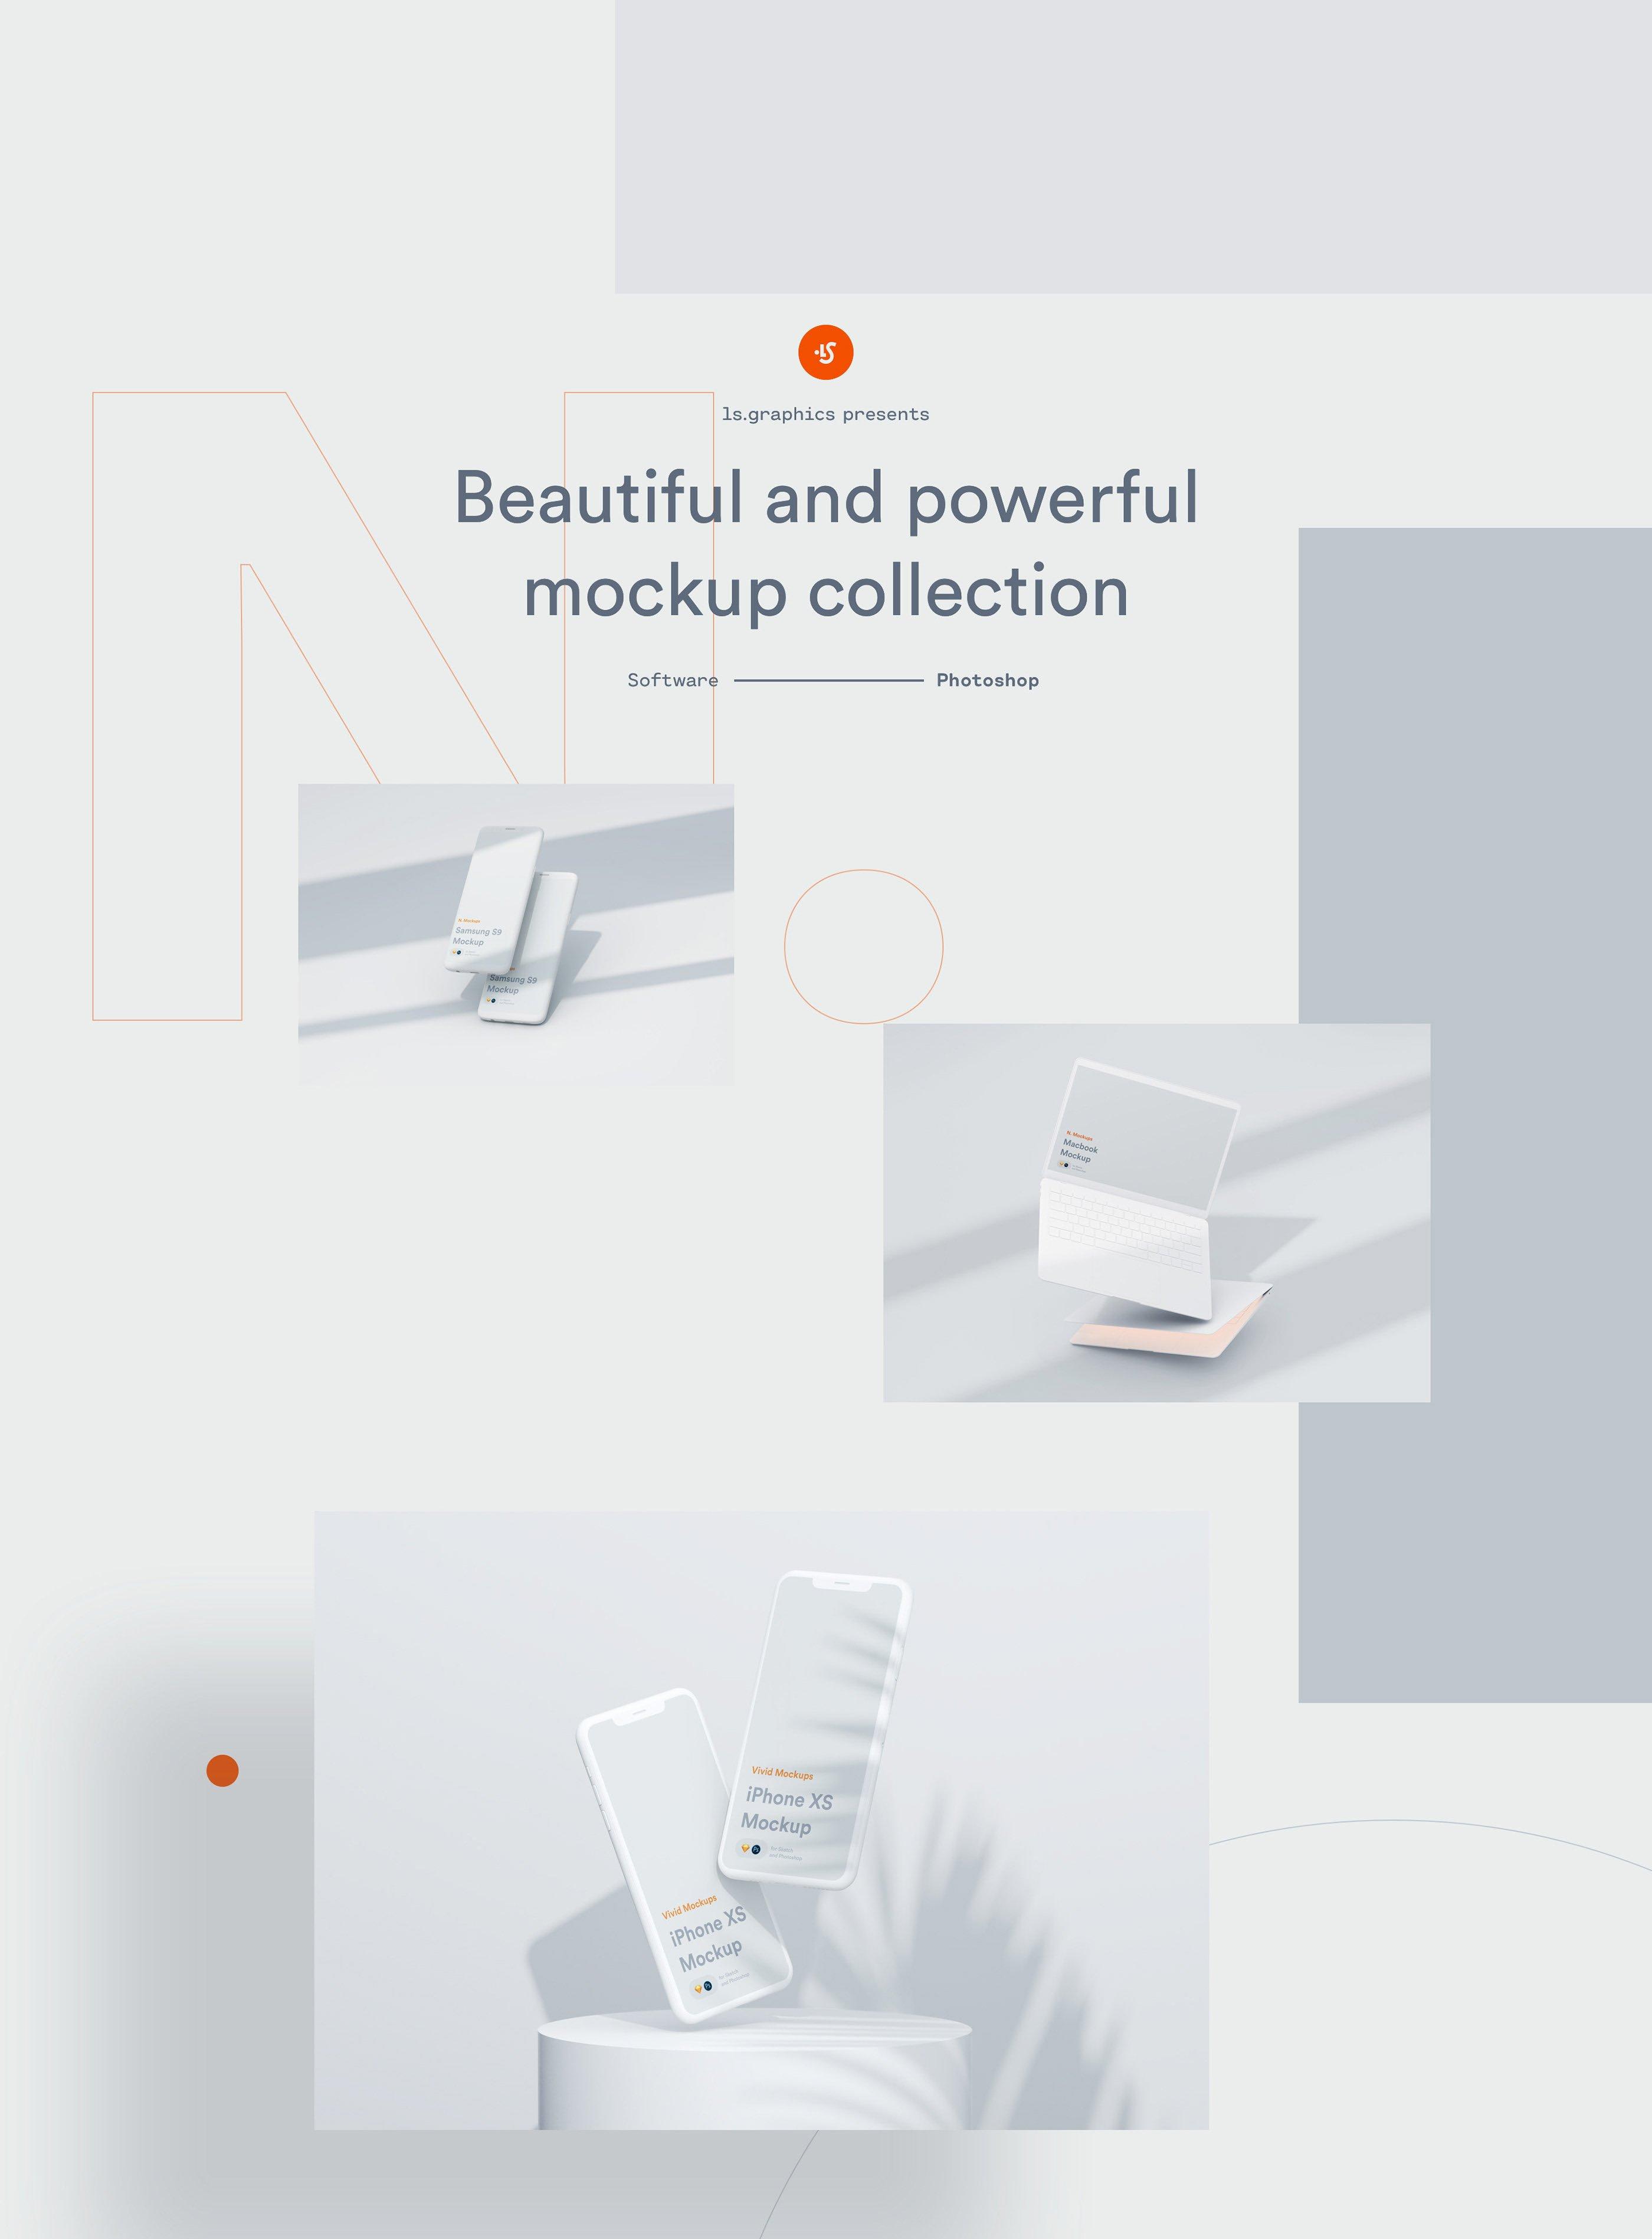 [单独购买] 超大网站APP设计陶瓷苹果设备屏幕演示样机模板素材套装 N.Mockups插图1